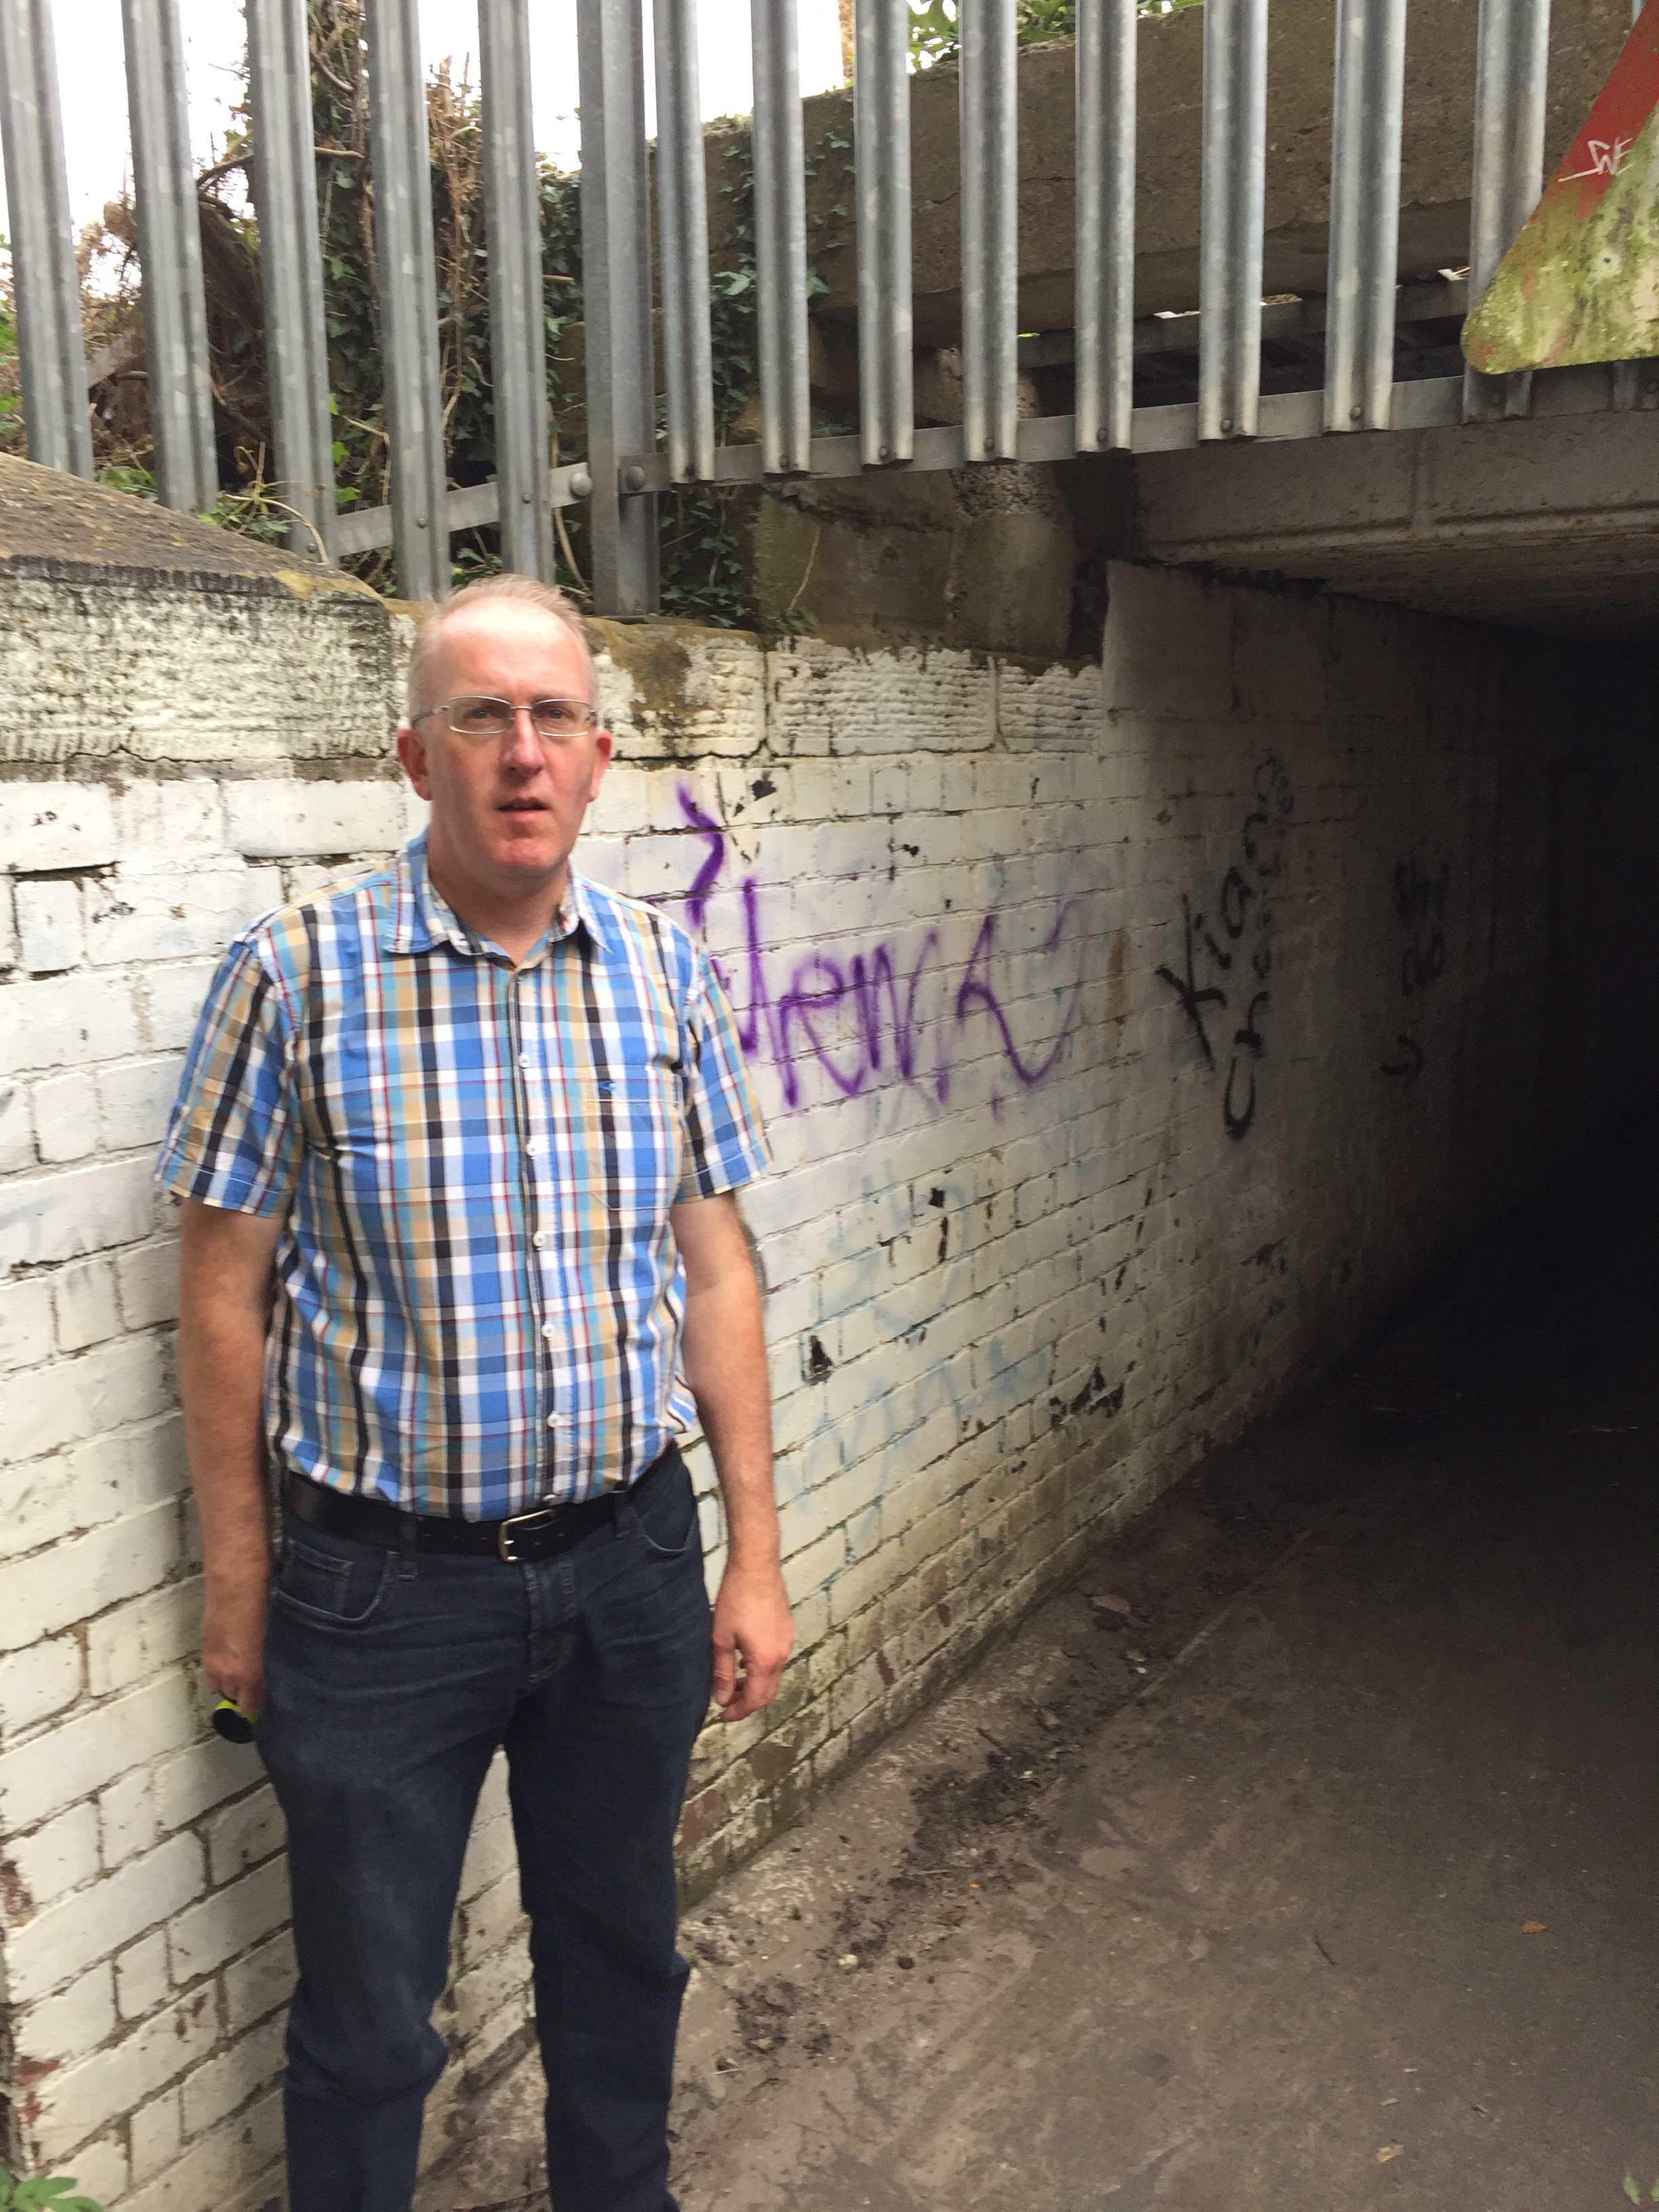 Hob Moor underpass graffiti (2)